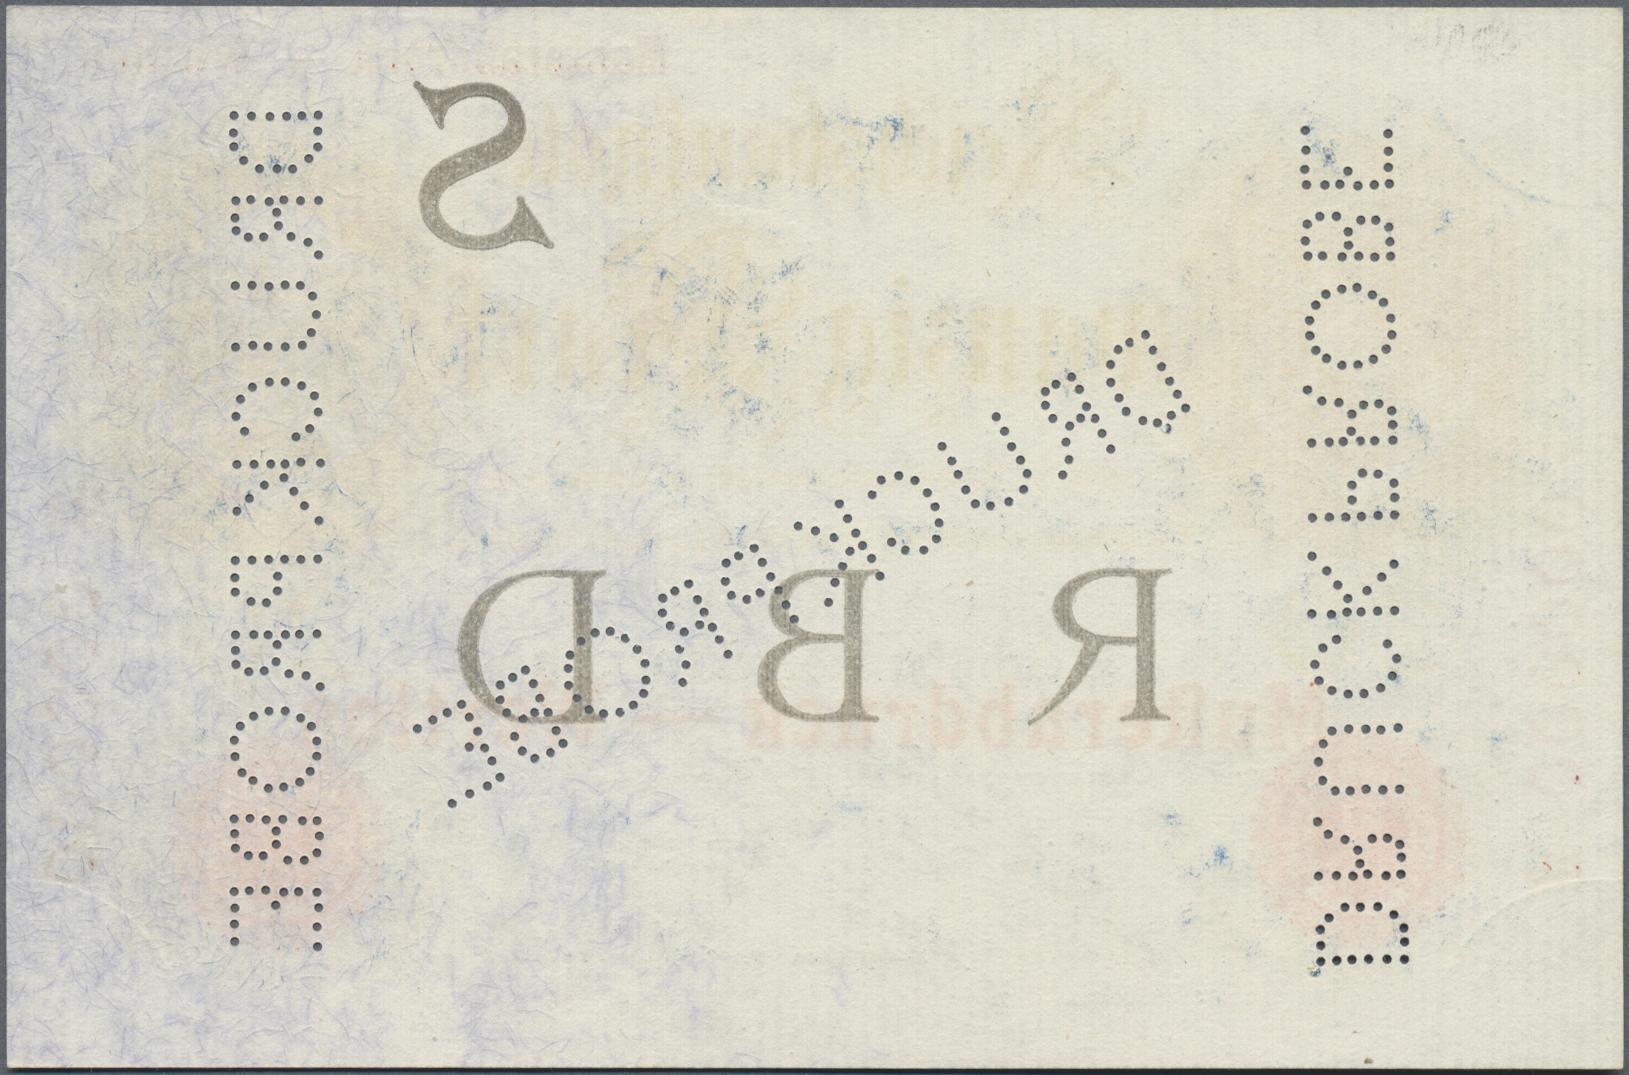 Lot 03322 - Deutschland - Deutsches Reich bis 1945 | Banknoten  -  Auktionshaus Christoph Gärtner GmbH & Co. KG Sale #45 Banknotes Germany/Numismatics